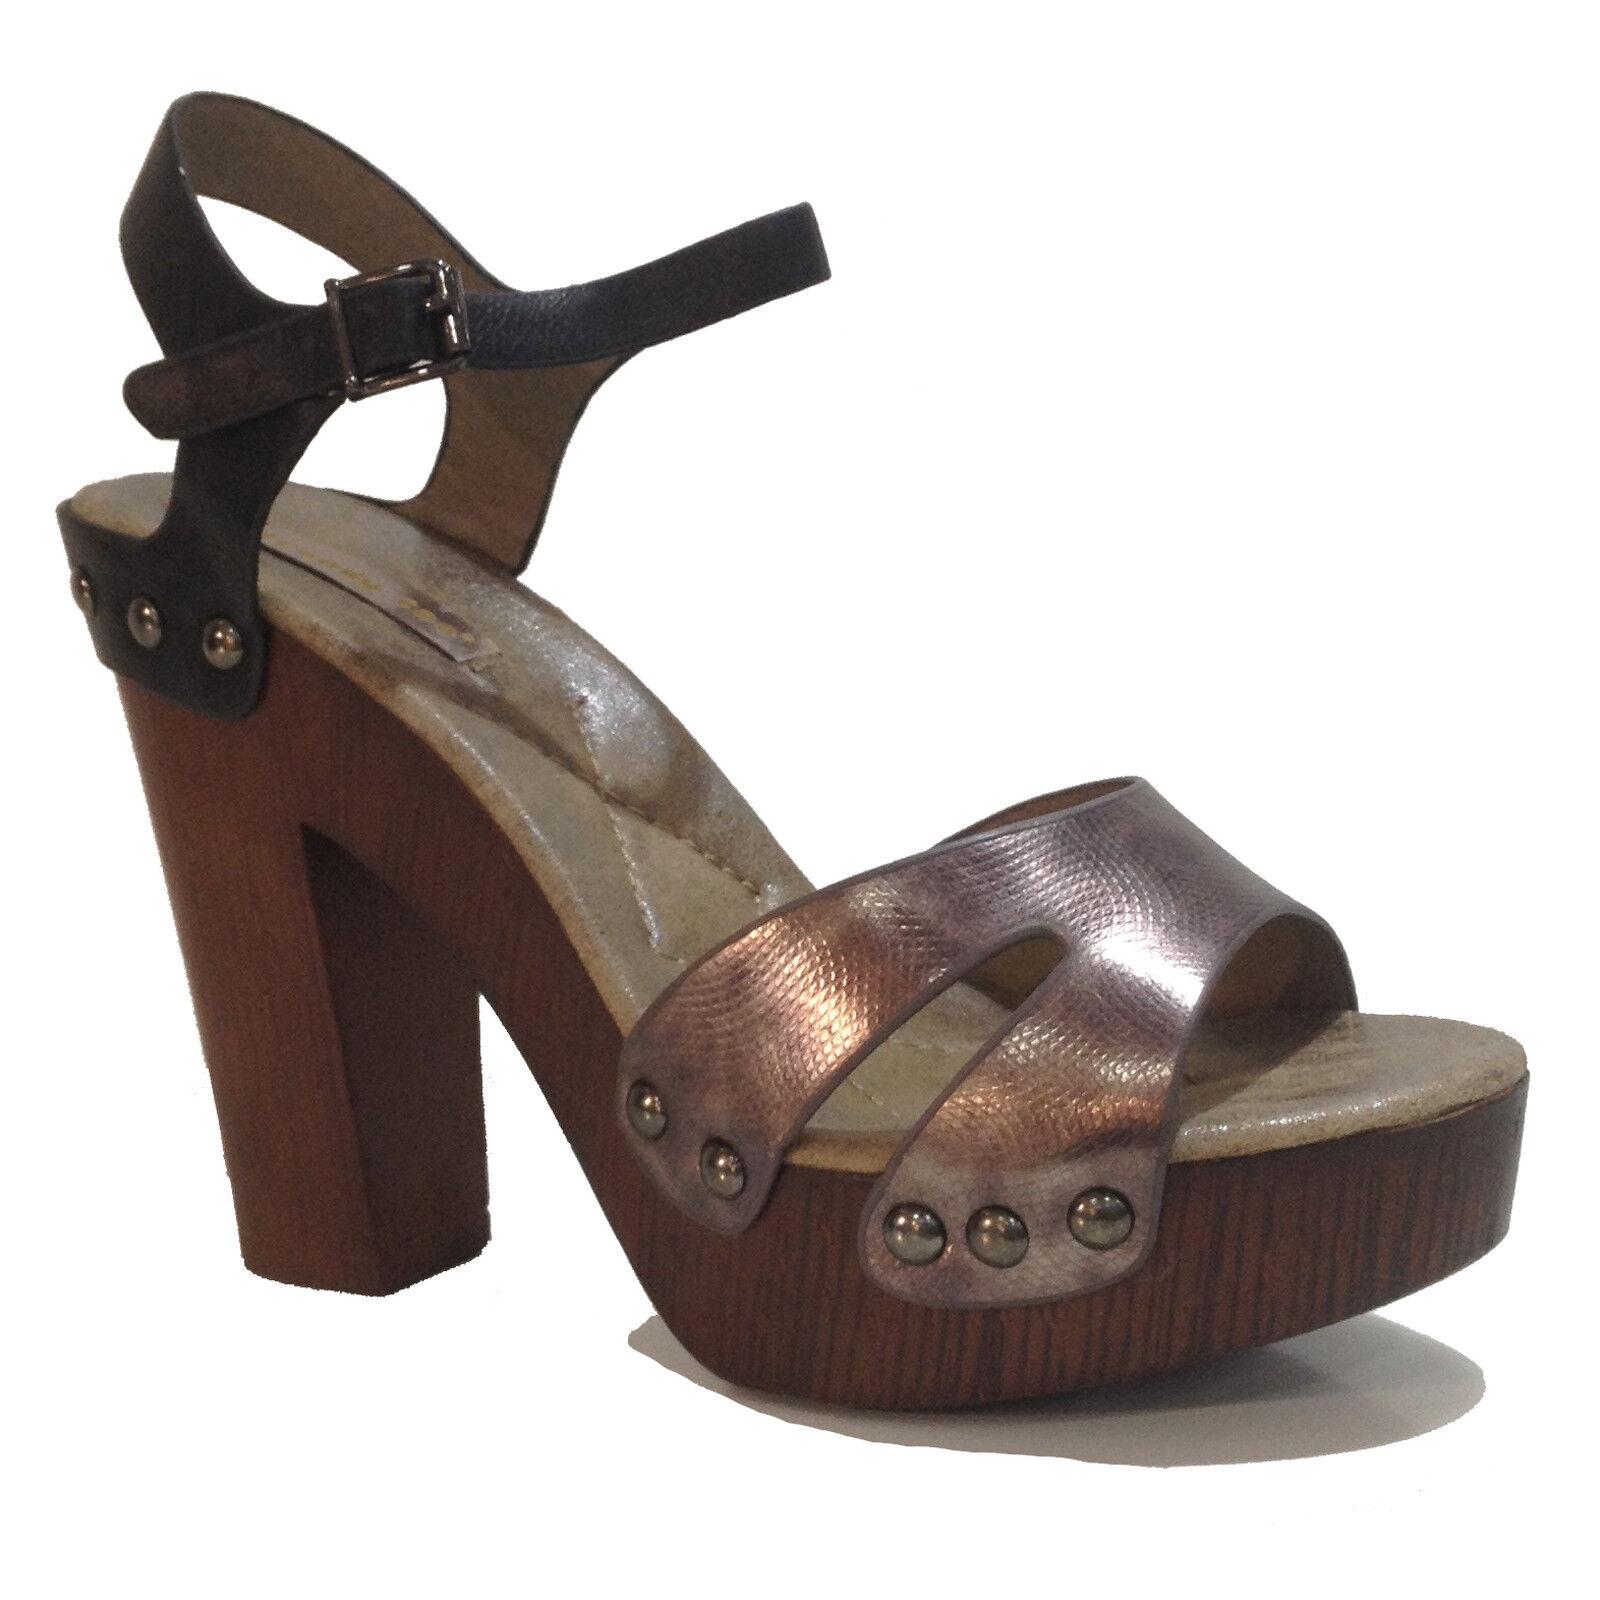 ☼ELEN☼ Sandales à talons - TRENDY TOO - Ref 0629  0629 Ref 697f89